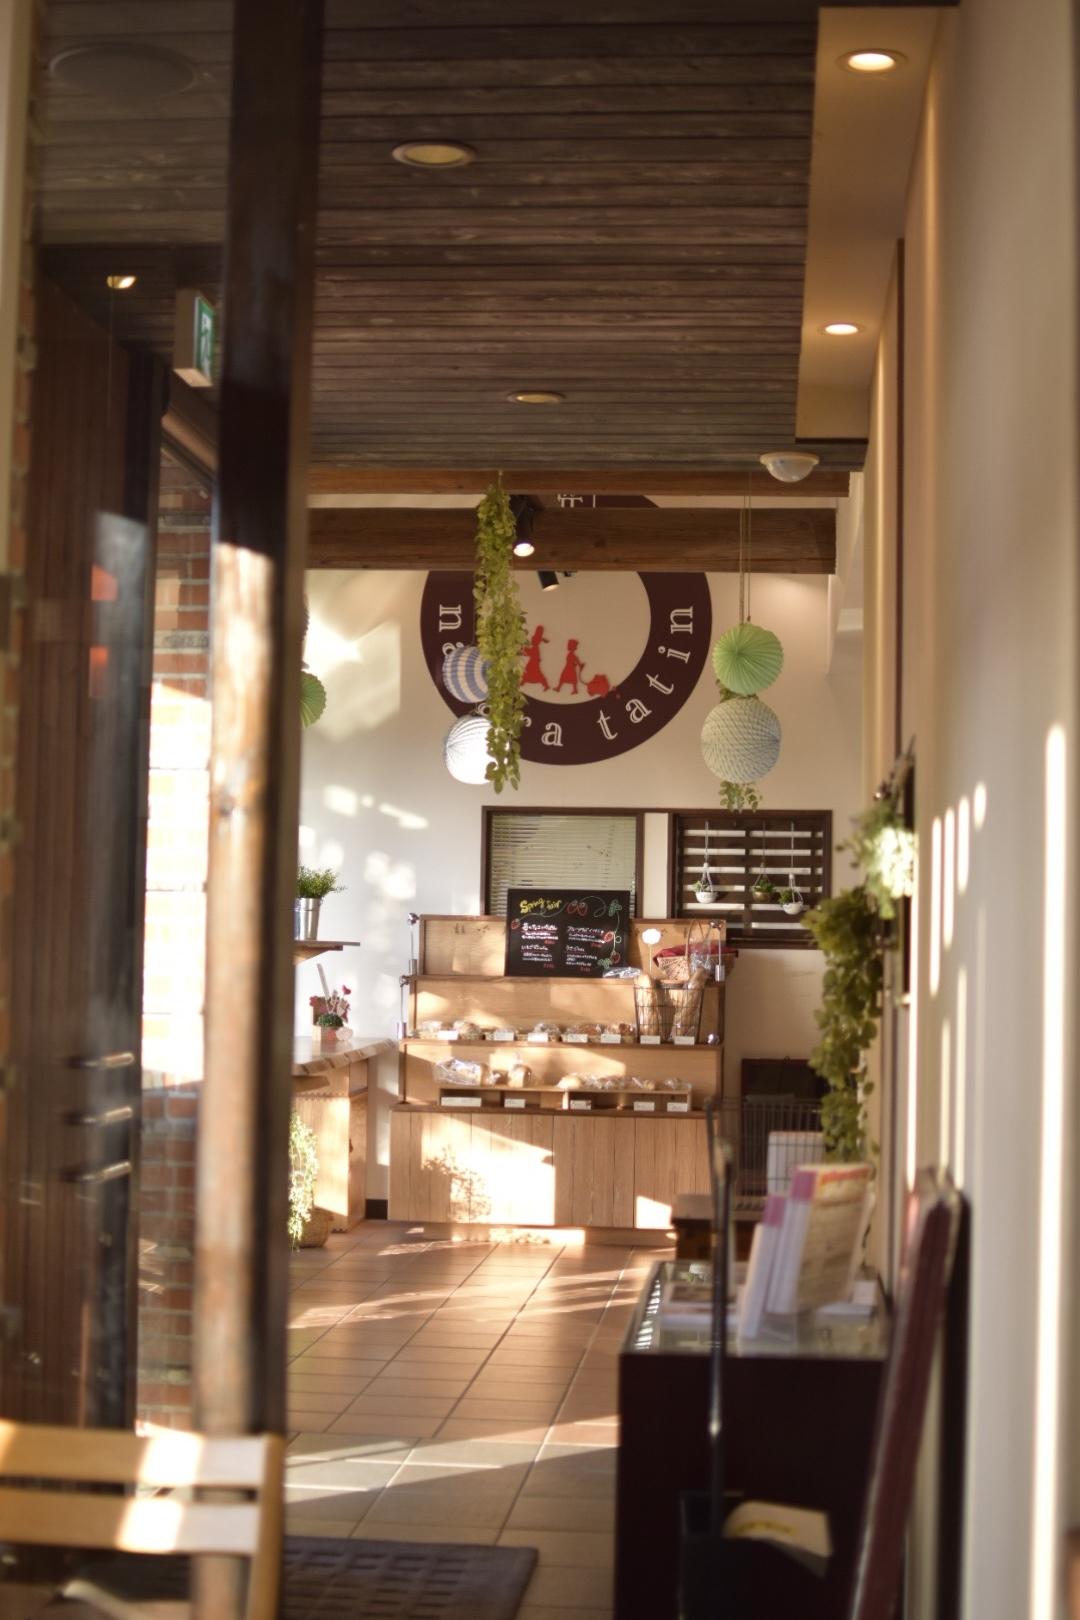 【岐阜 カフェ】積み木パウンドケーキで有名な ナガラタタンのタタンカフェ 【川原町】_5